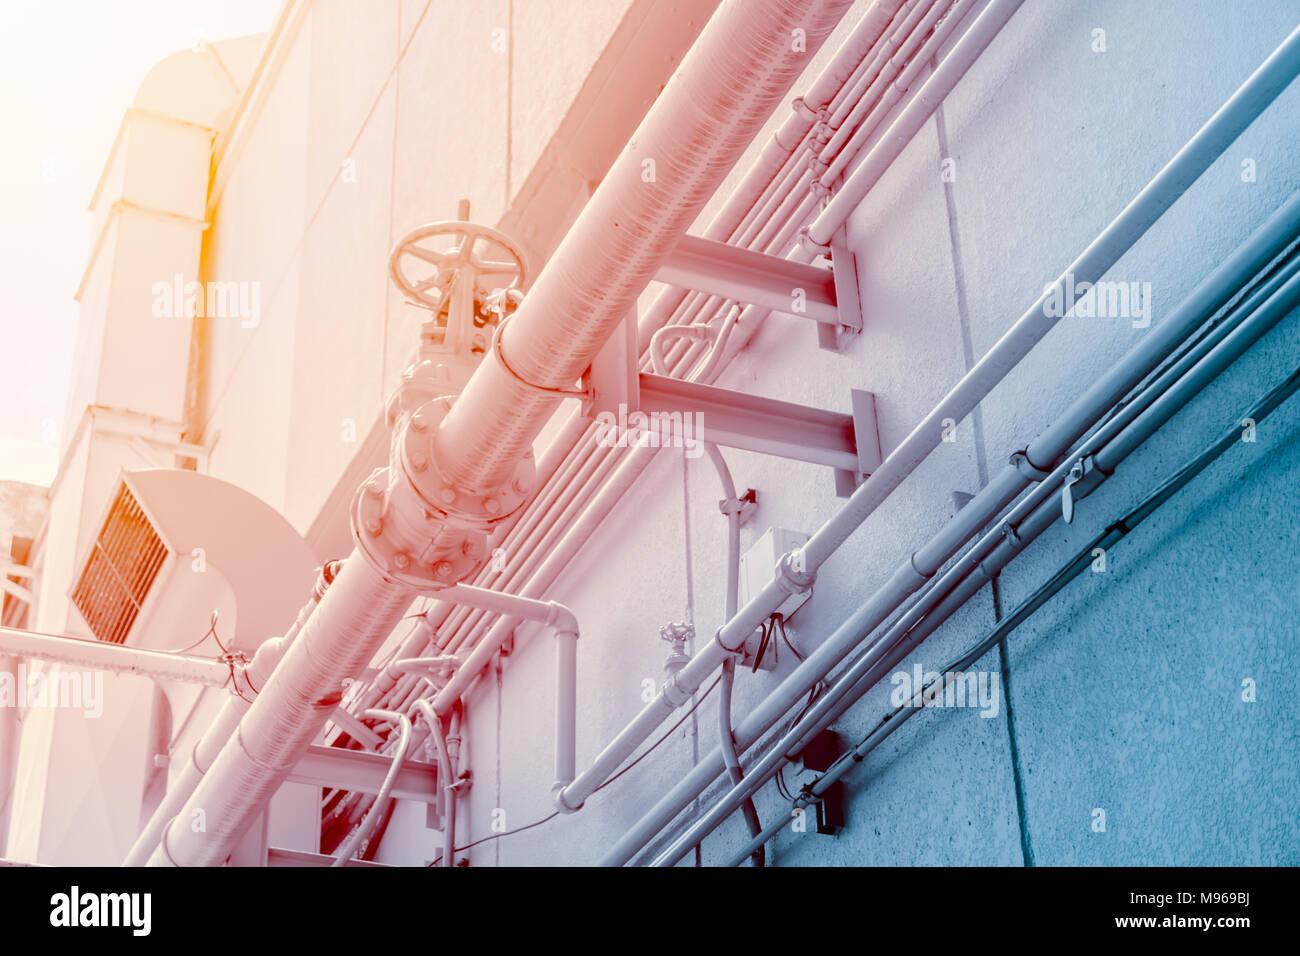 Restaurant Rauch Luftleitung Küche Airduct Für Vakuum Geruch System  Entlüften Stockbild